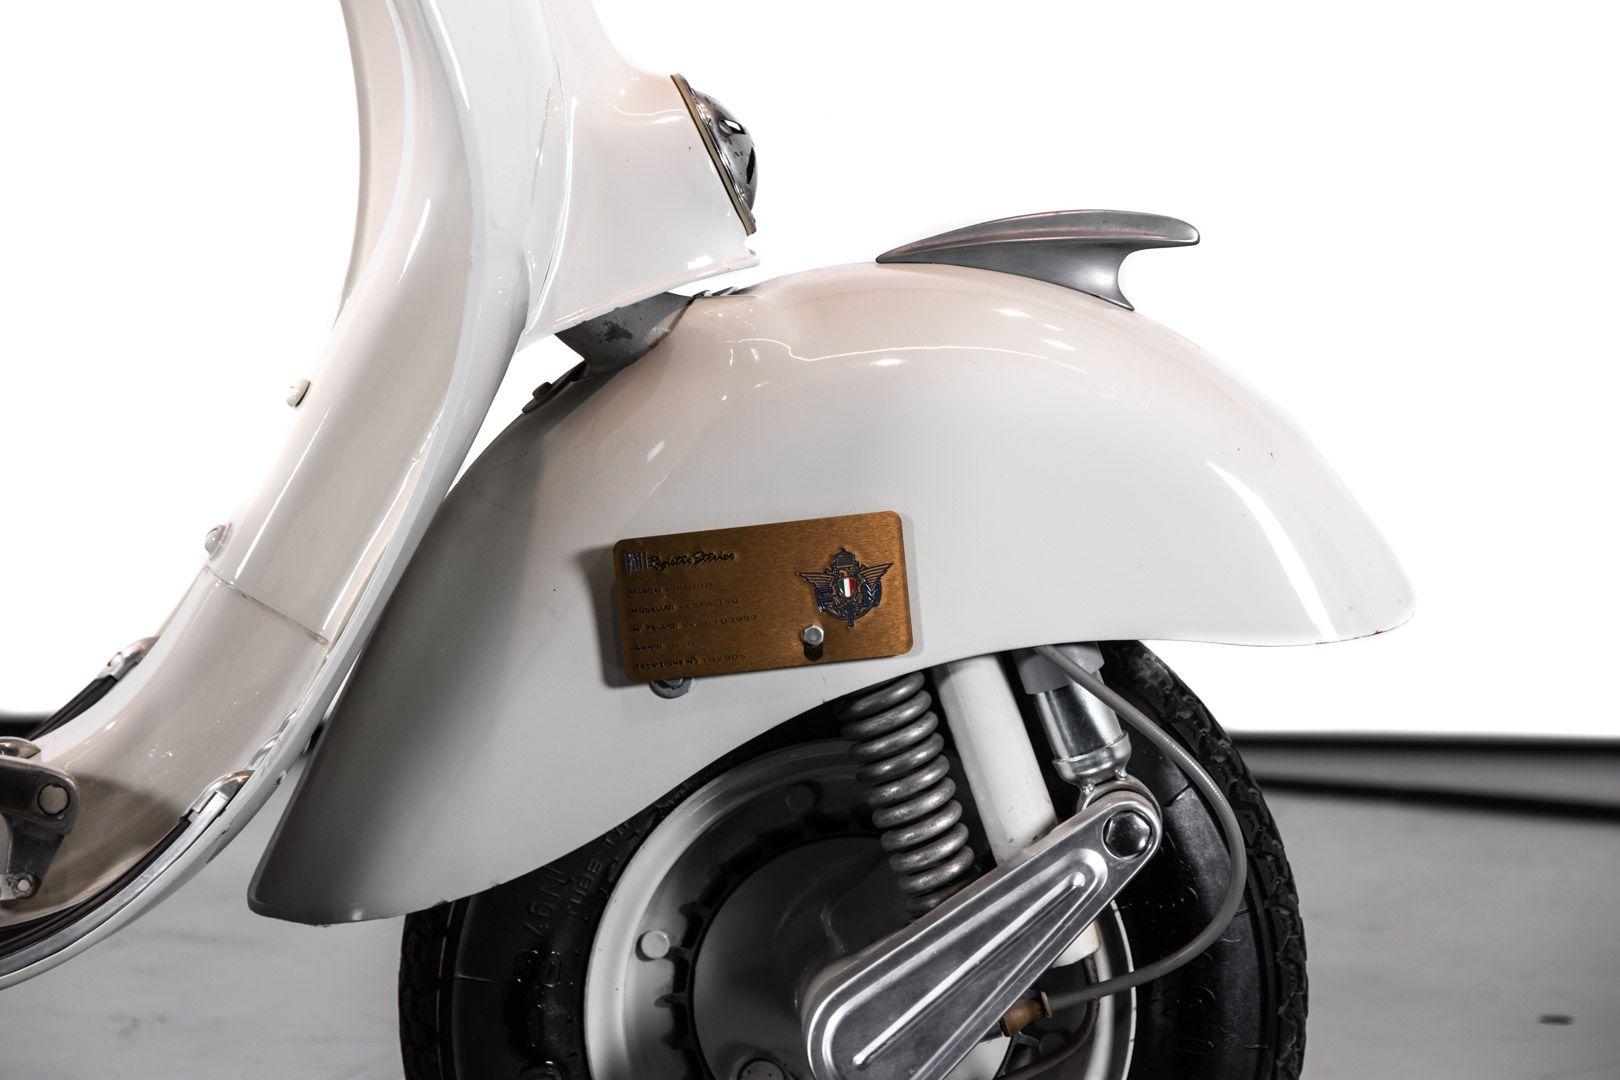 1956 Piaggio Vespa 150 VL3T 84118